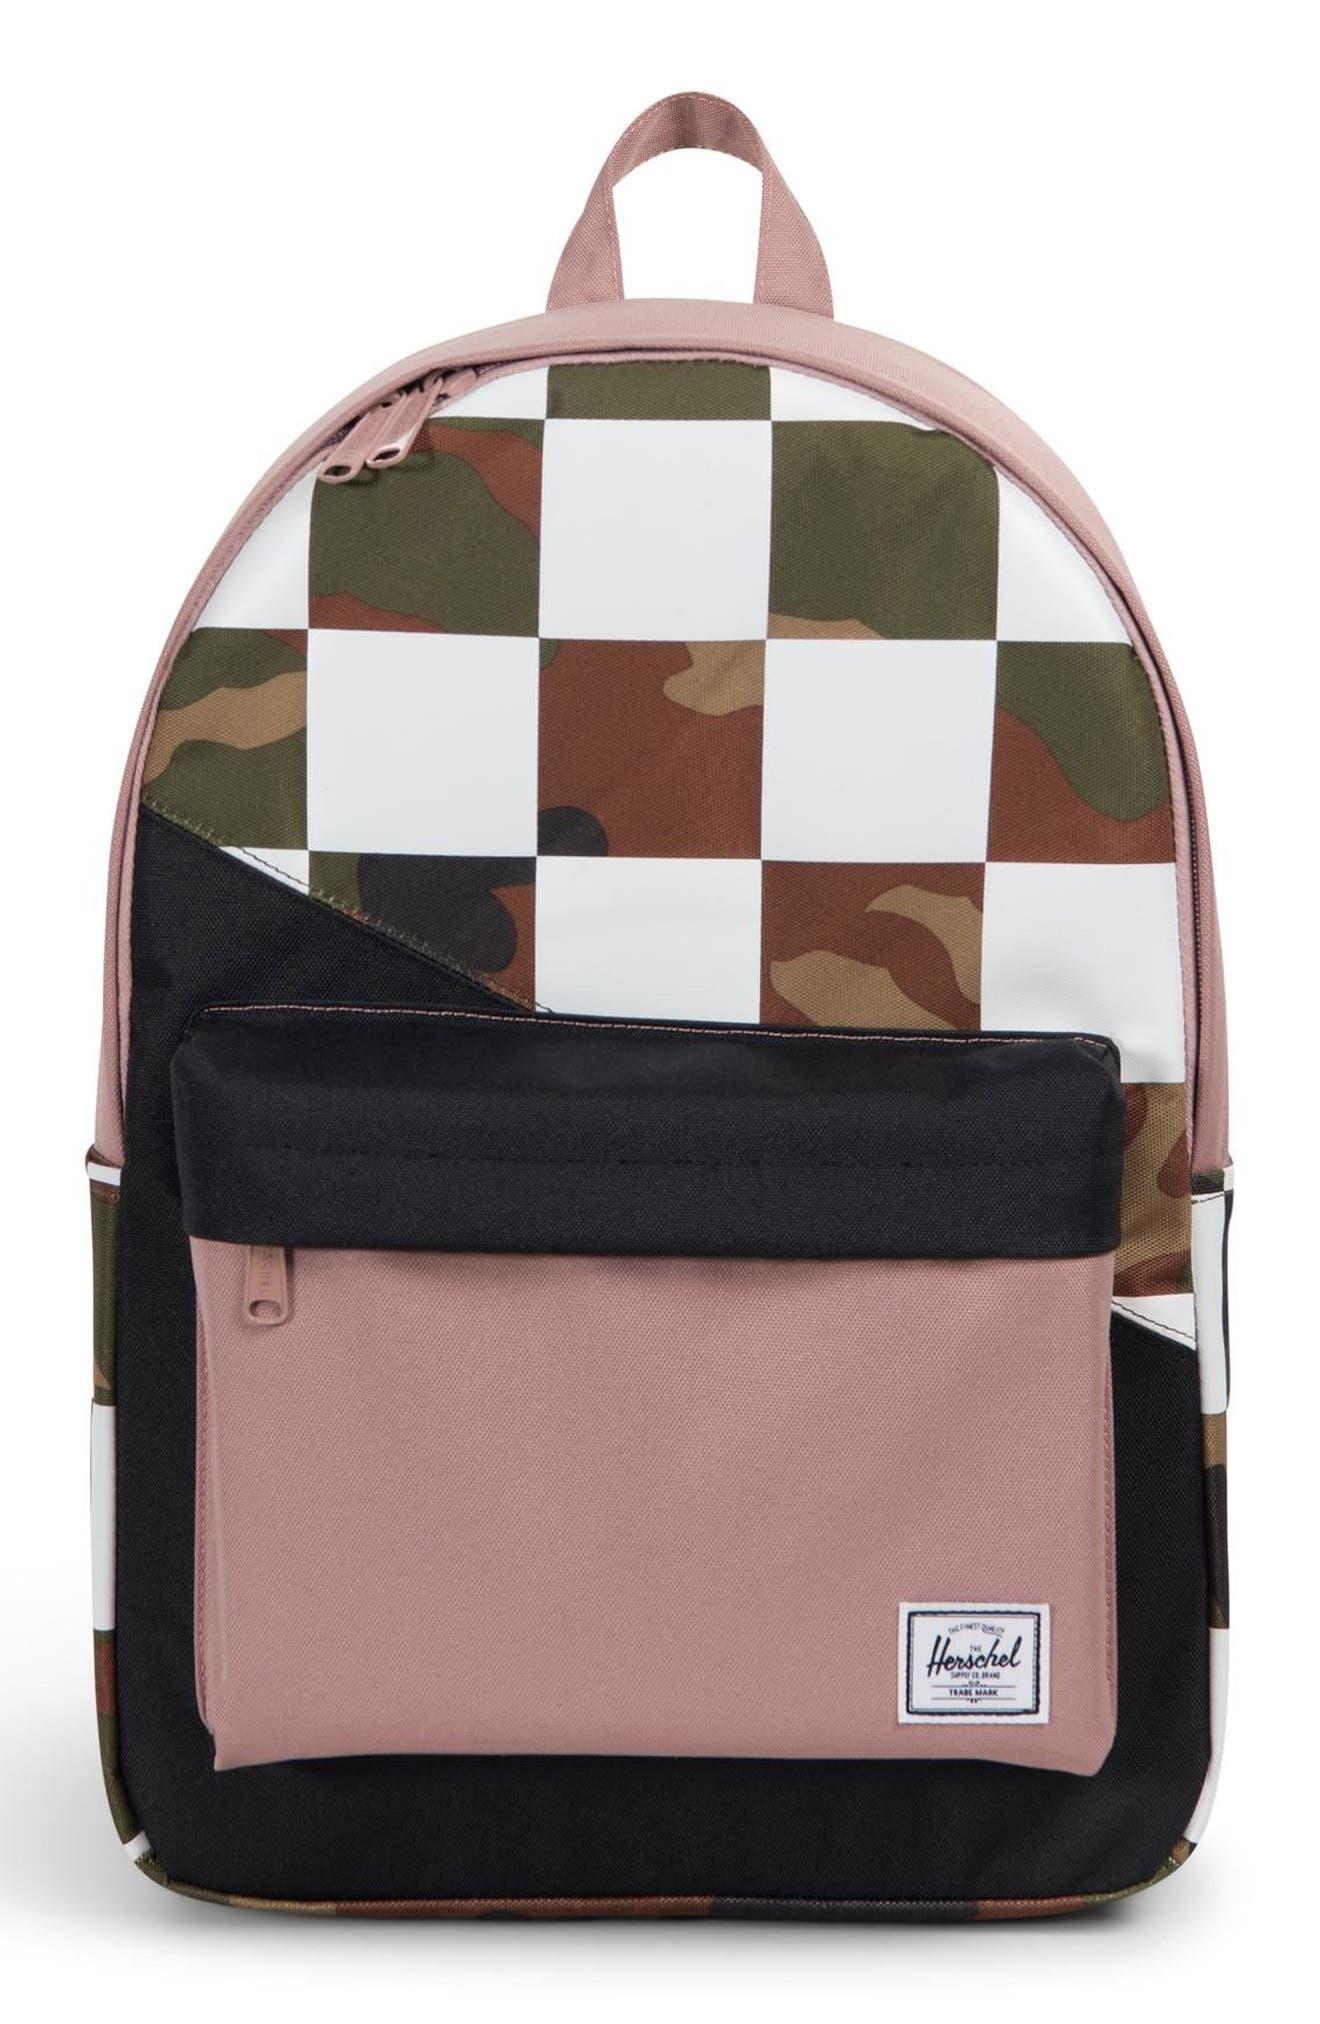 Herschel Supply Co. Classic Kaleidoscope Backpack - Green